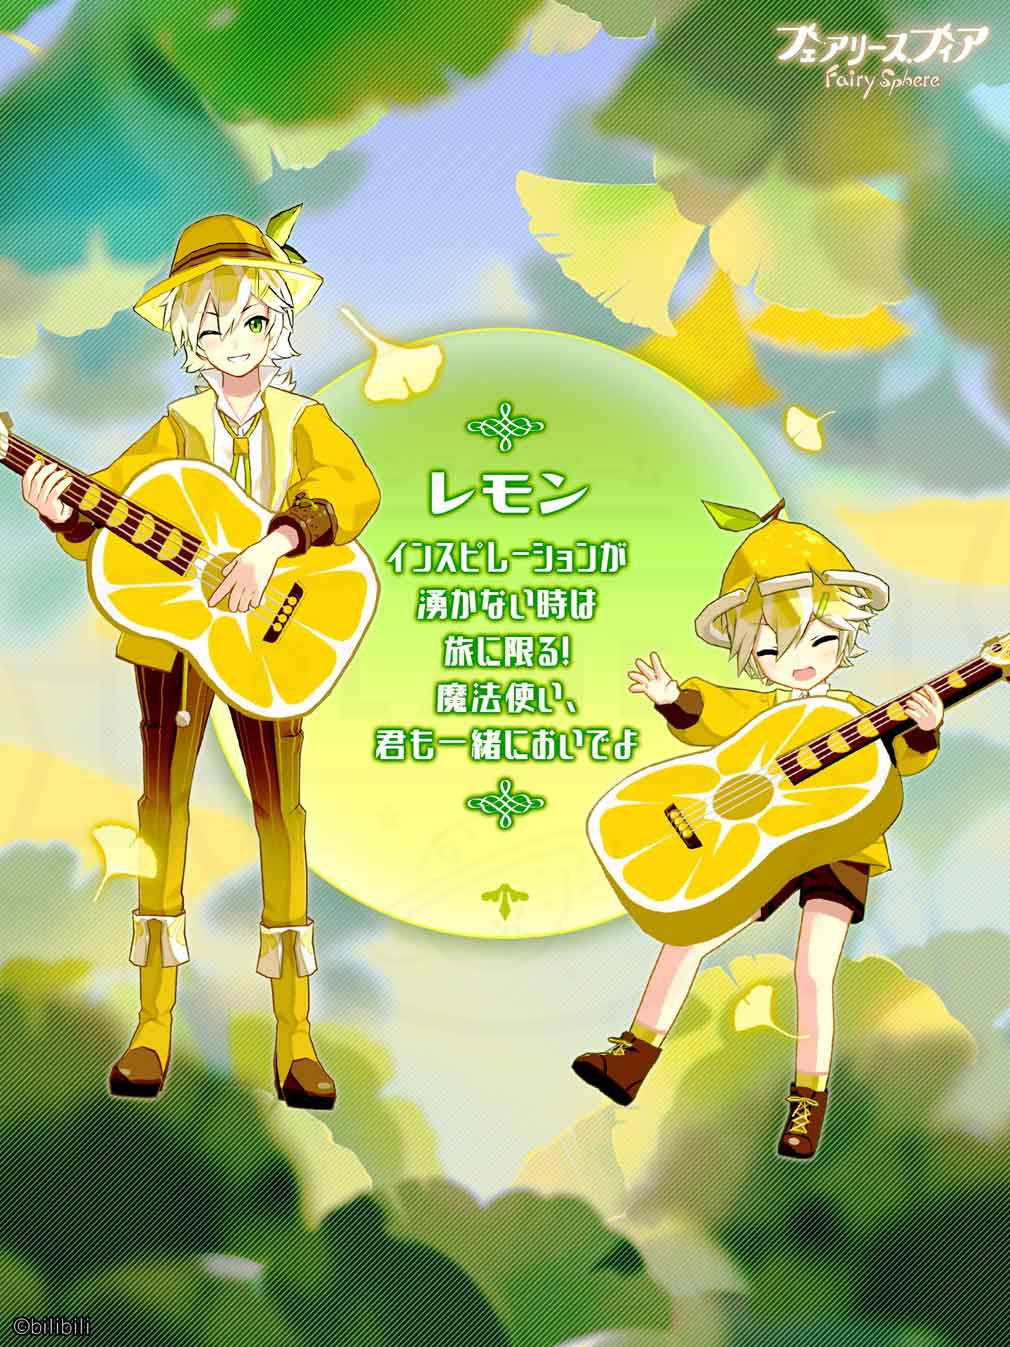 フェアリースフィア(フェアリス) 妖精キャラクター『レモン』紹介イメージ